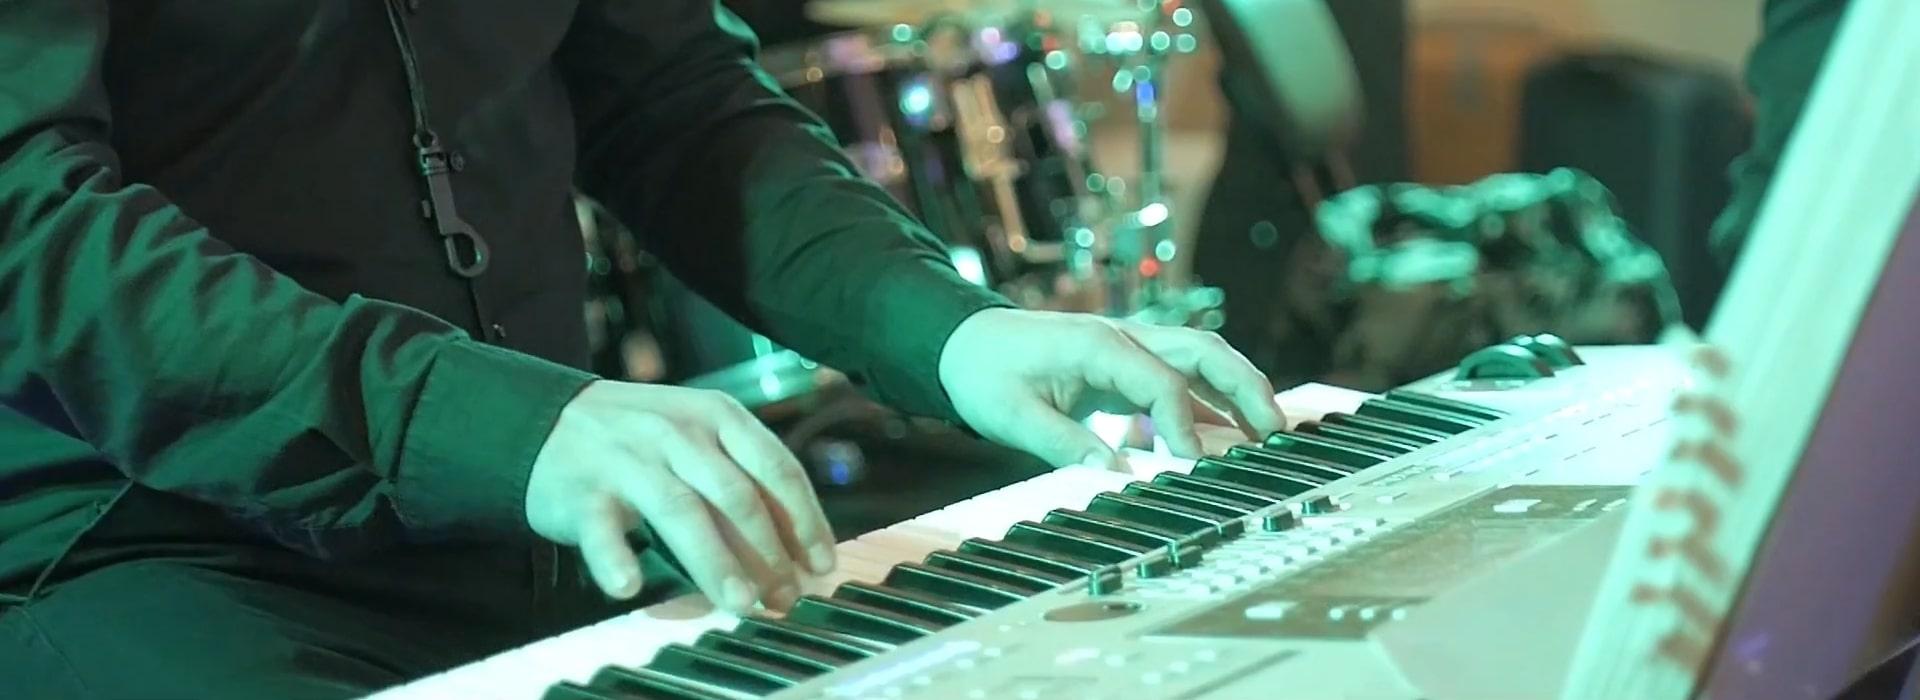 Zespół na wesele powinien mieć akordeon w swoim instrumentarium...